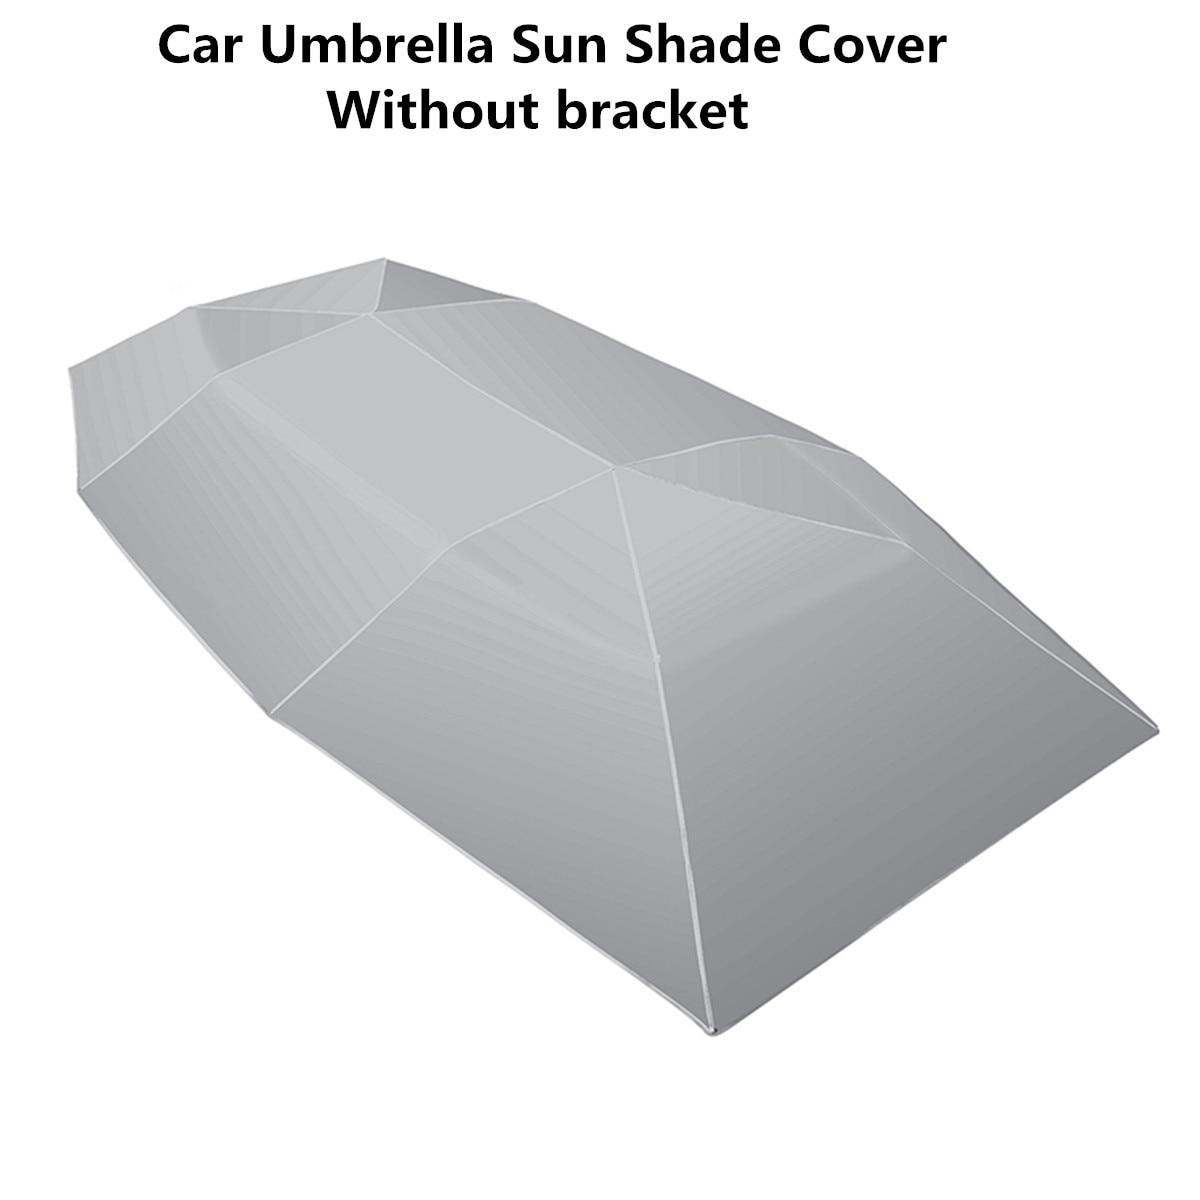 4.5x2.3 M/4.2x2.1 M Portable extérieur voiture véhicule tente voiture parapluie soleil ombre couverture Oxford tissu Polyester couvre sans support - 4